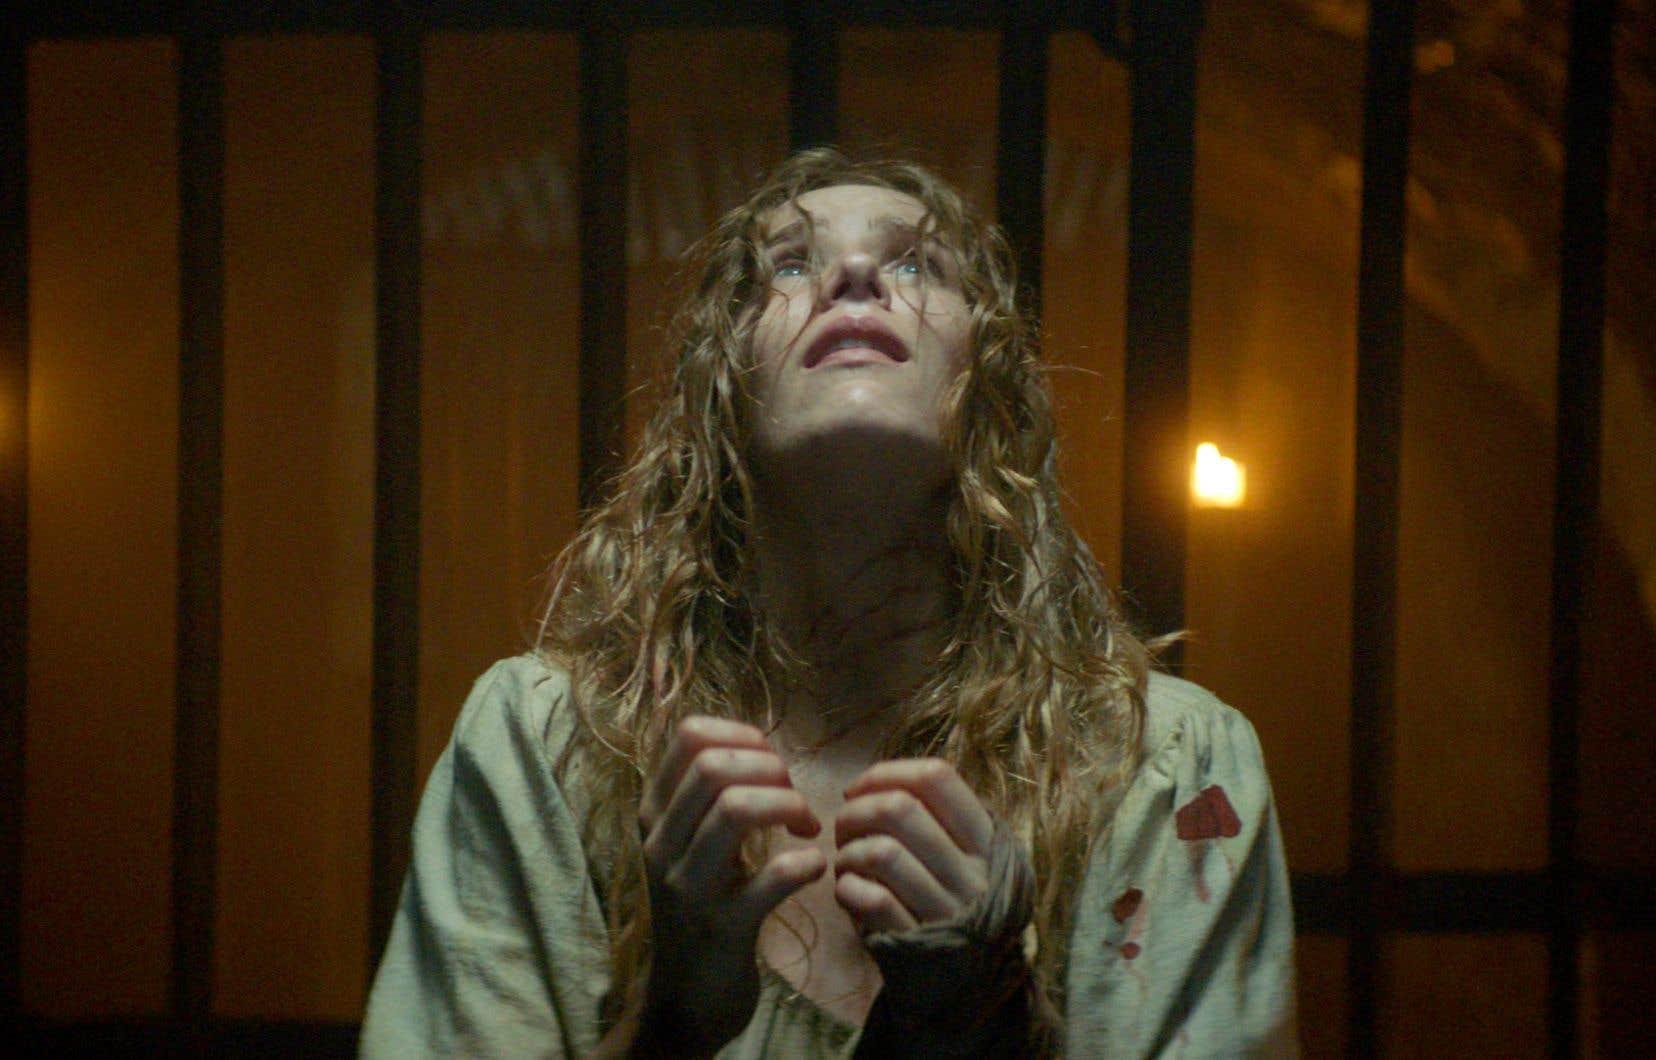 L'actrice Charlotte Kirk joue une paysanne du Moyen Âge accusée de sorcellerie dans «The Reckoning».